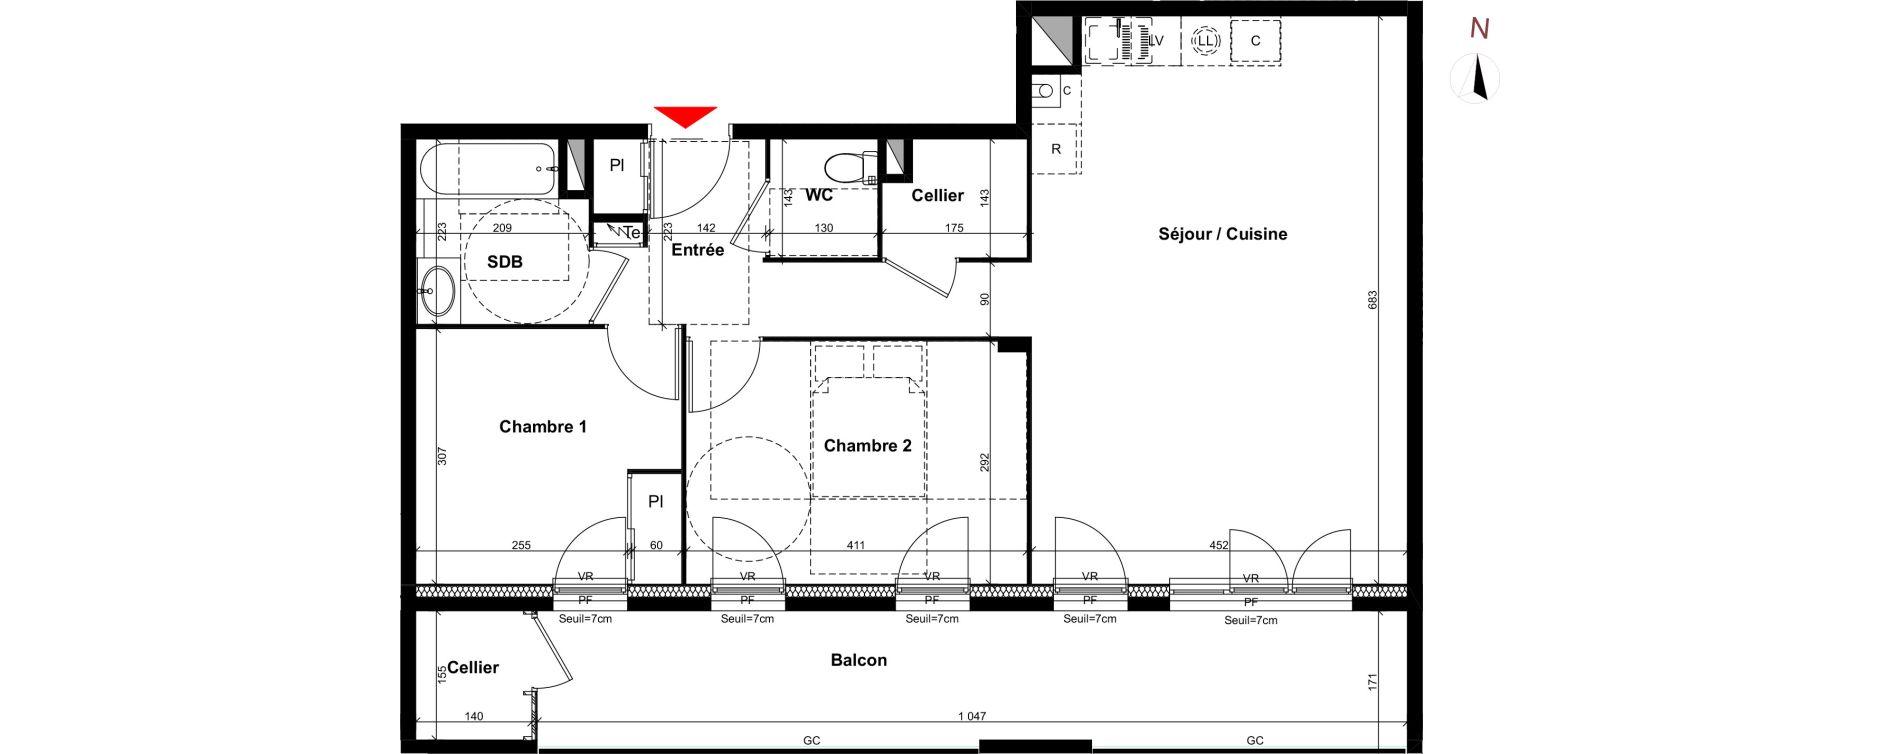 Appartement T3 de 69,20 m2 à Villeurbanne Gratte-ciel - dedieu - charmettes